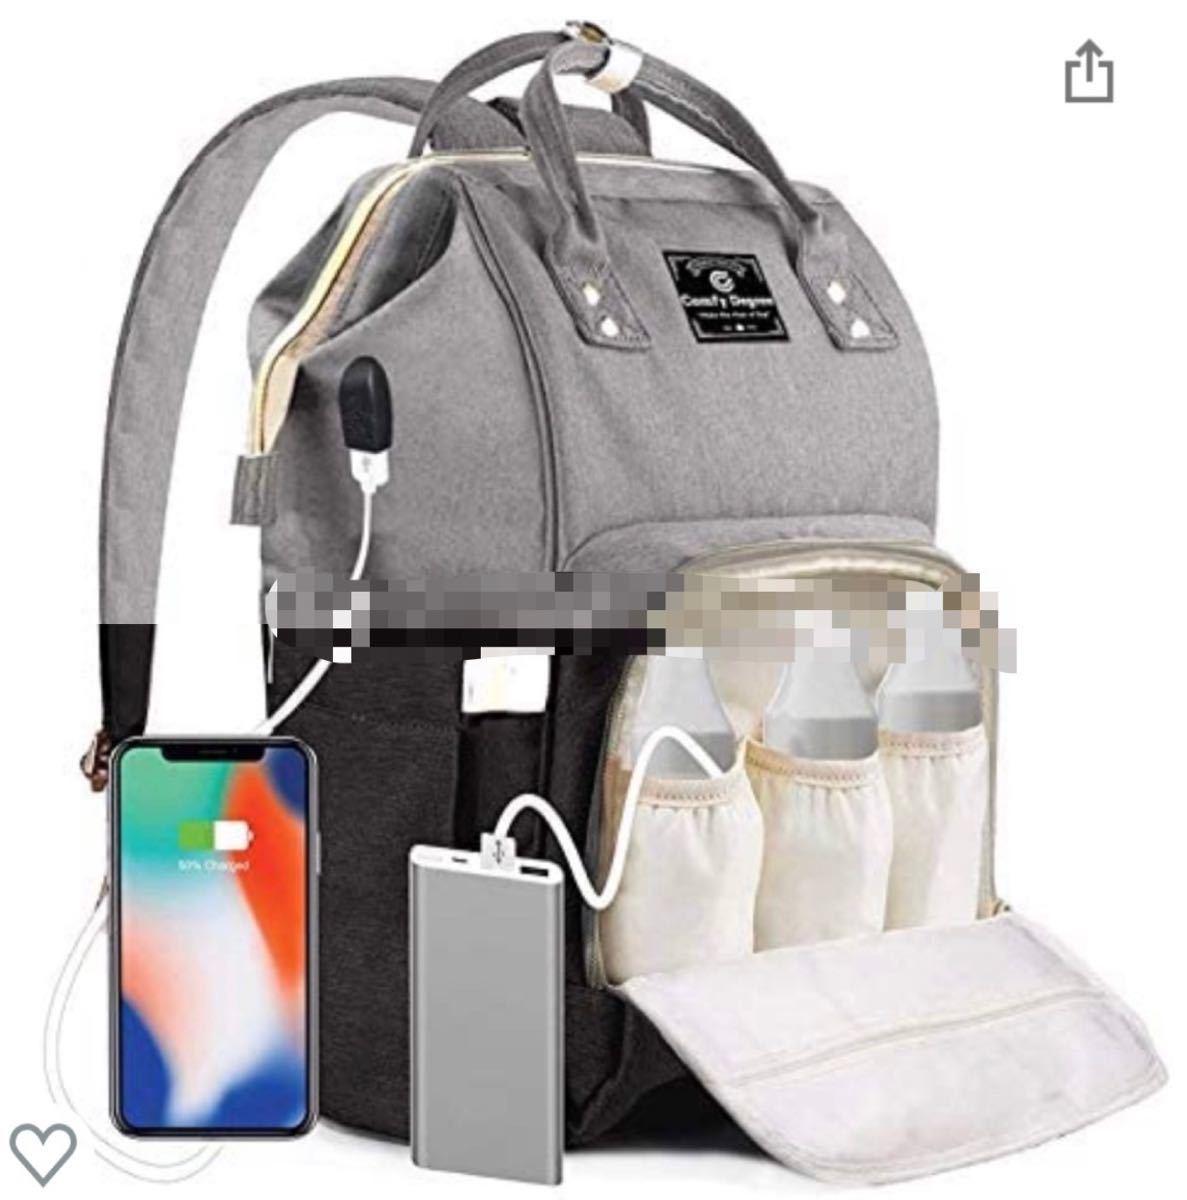 マザーズバッグ 防水 ママバッグ 盗難防止ポケット 保温ポケット付き